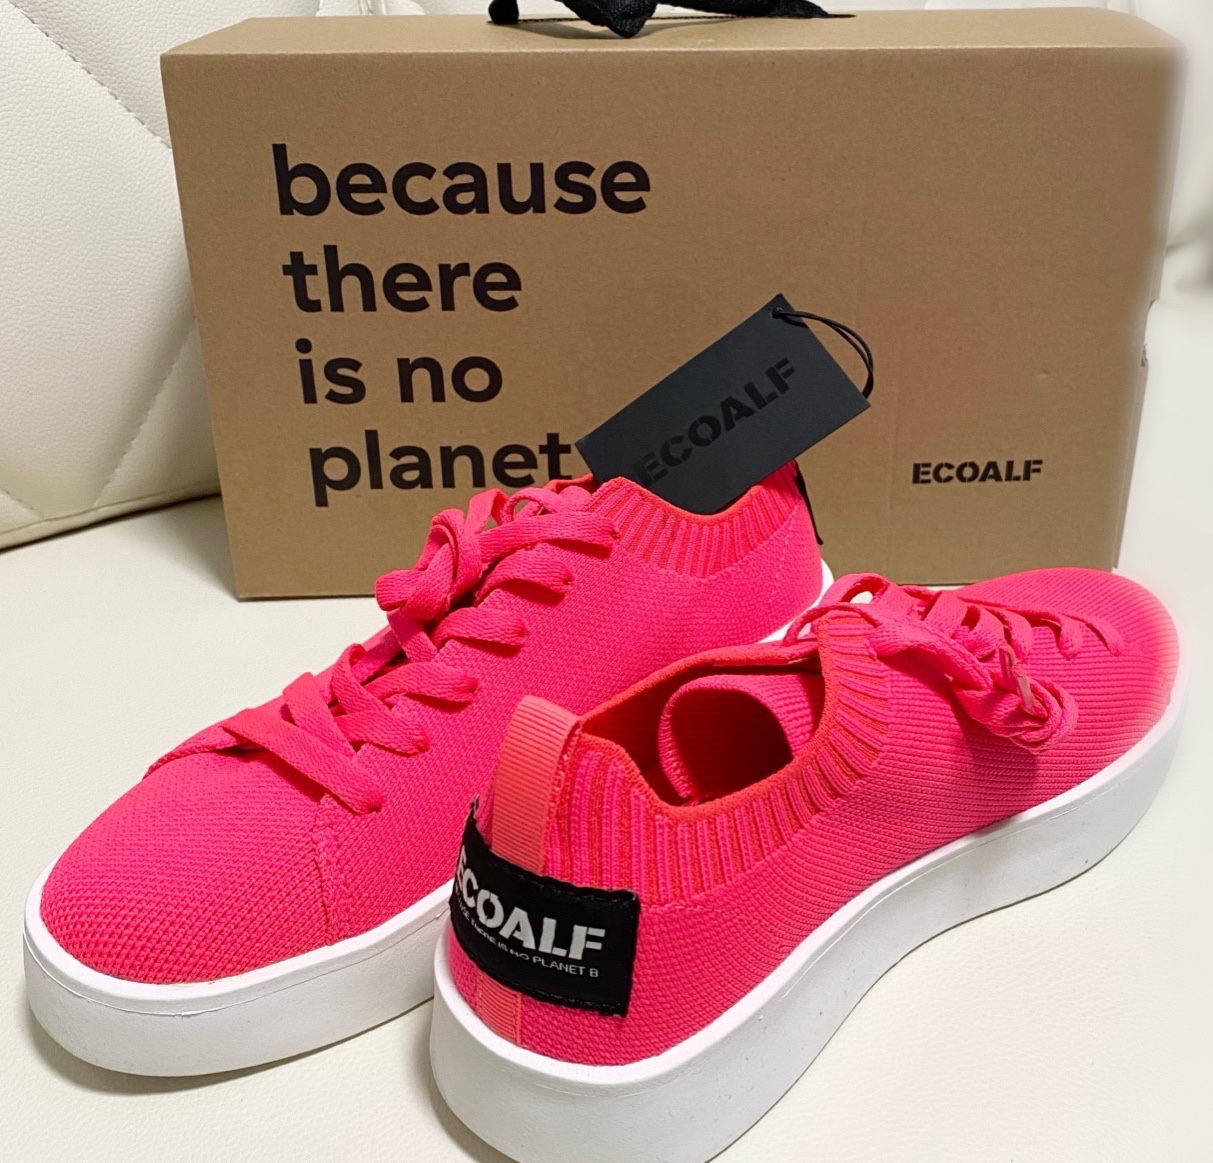 スニーカー ピンク サステイナブル エシカル ファッション